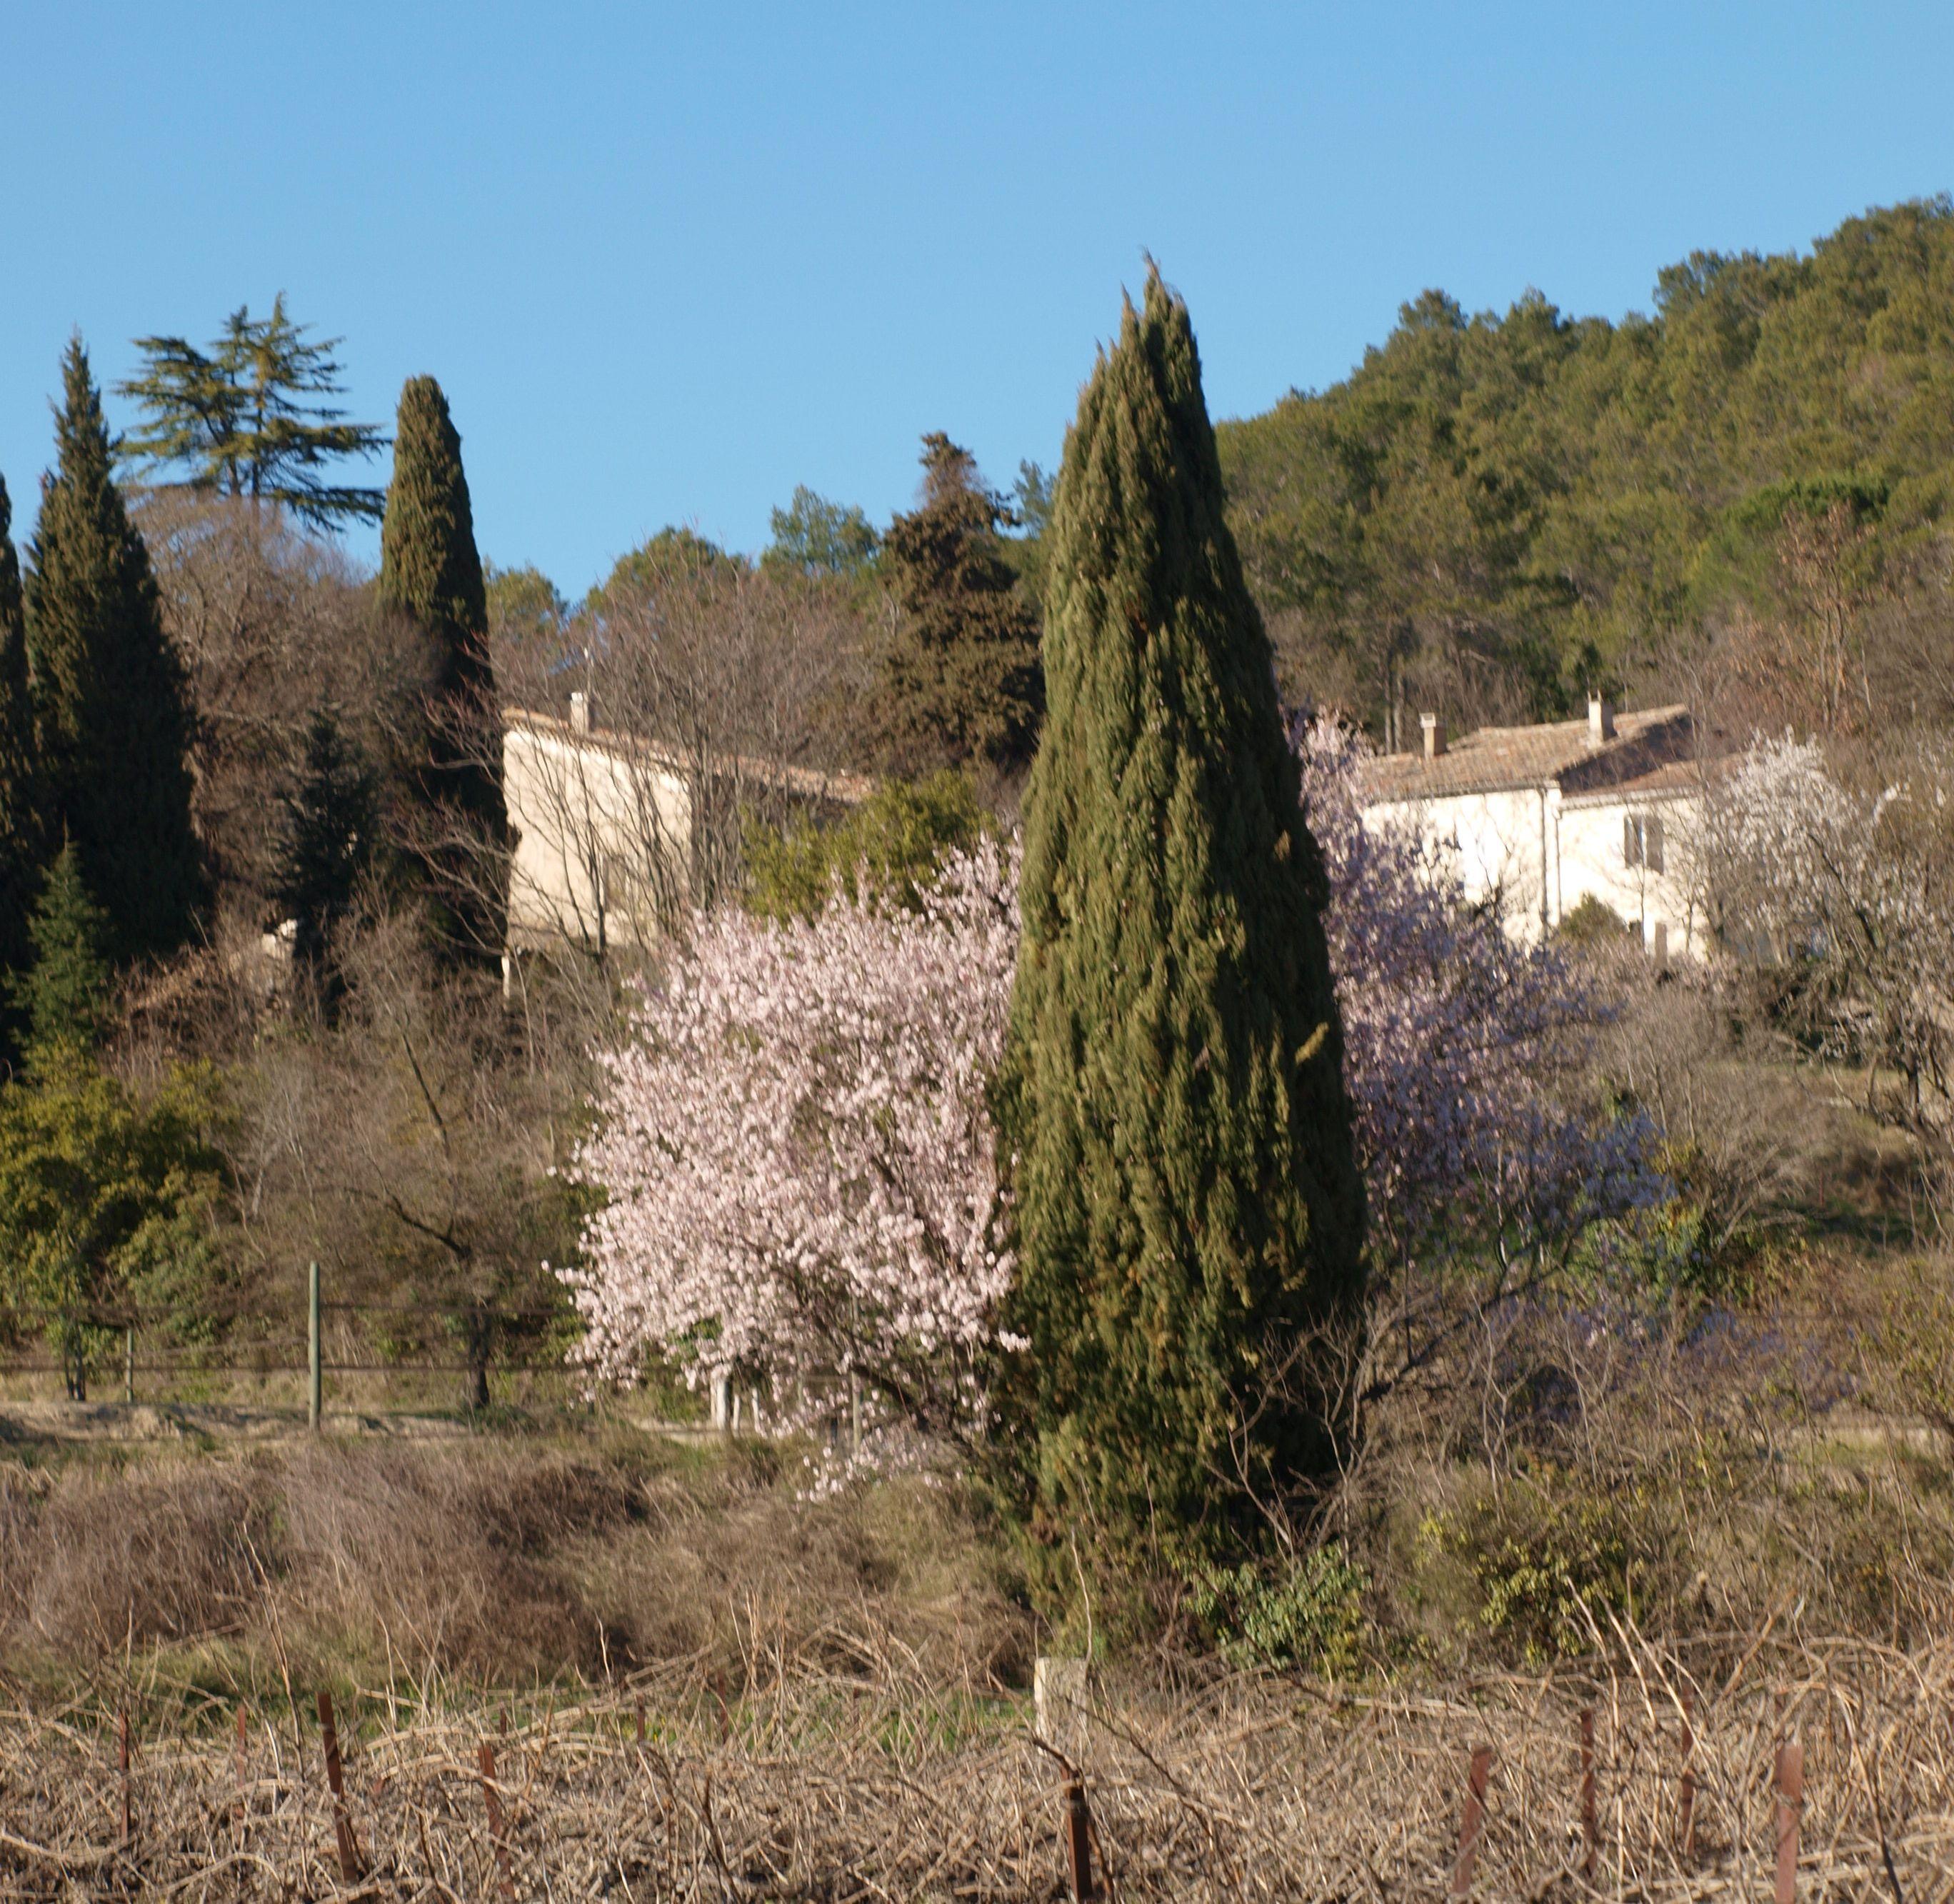 Location Vacances Gite Rural Dans Le Gard Avec Piscine